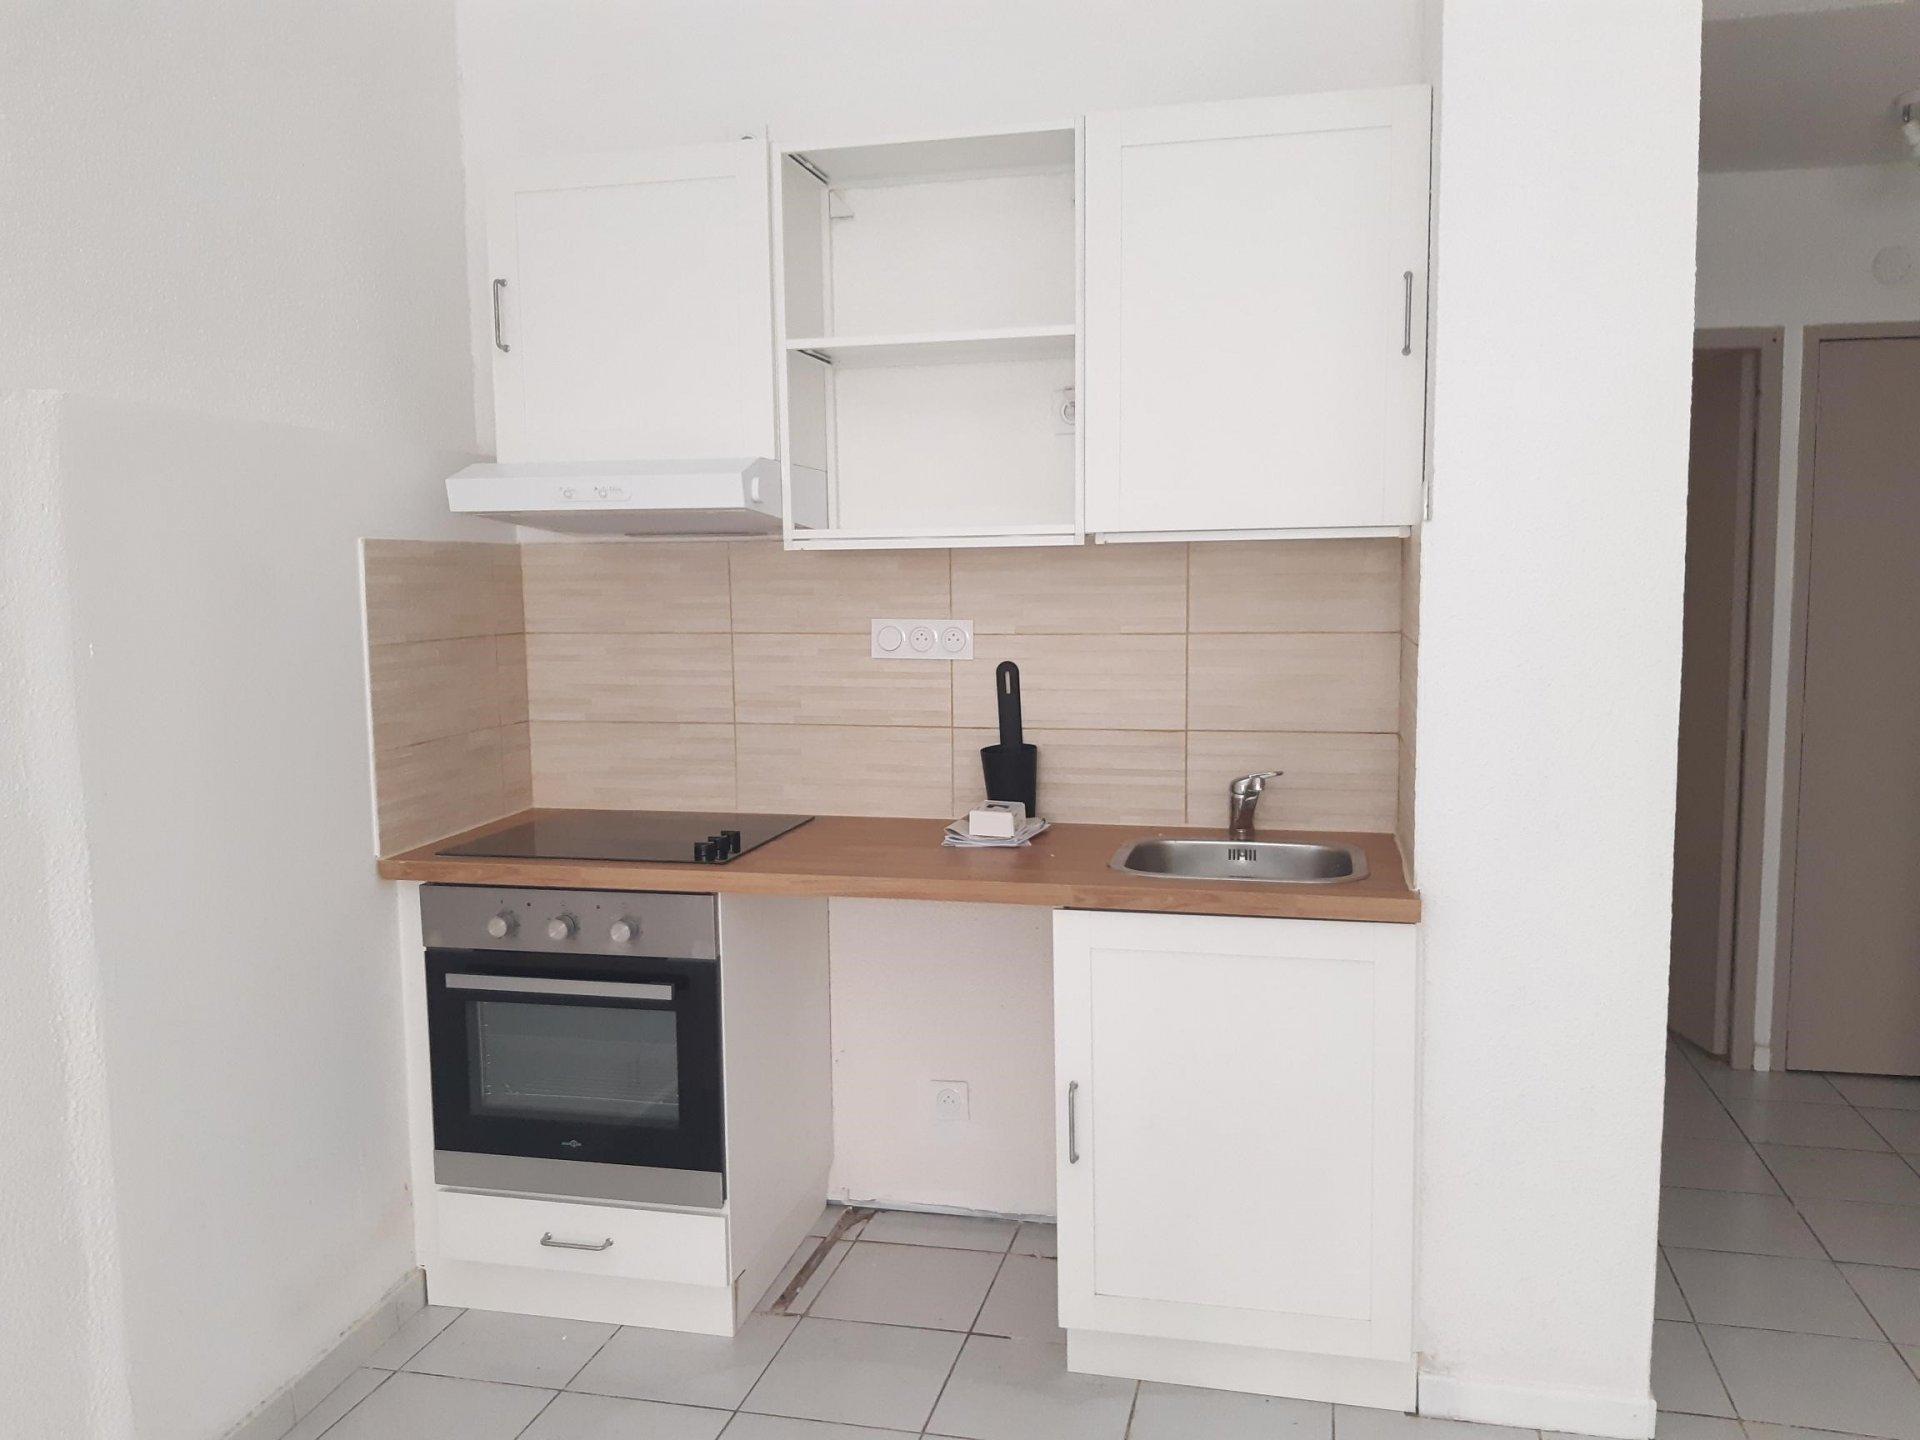 Location Appartement BEAUCAIRE séjour de 17.44 m²